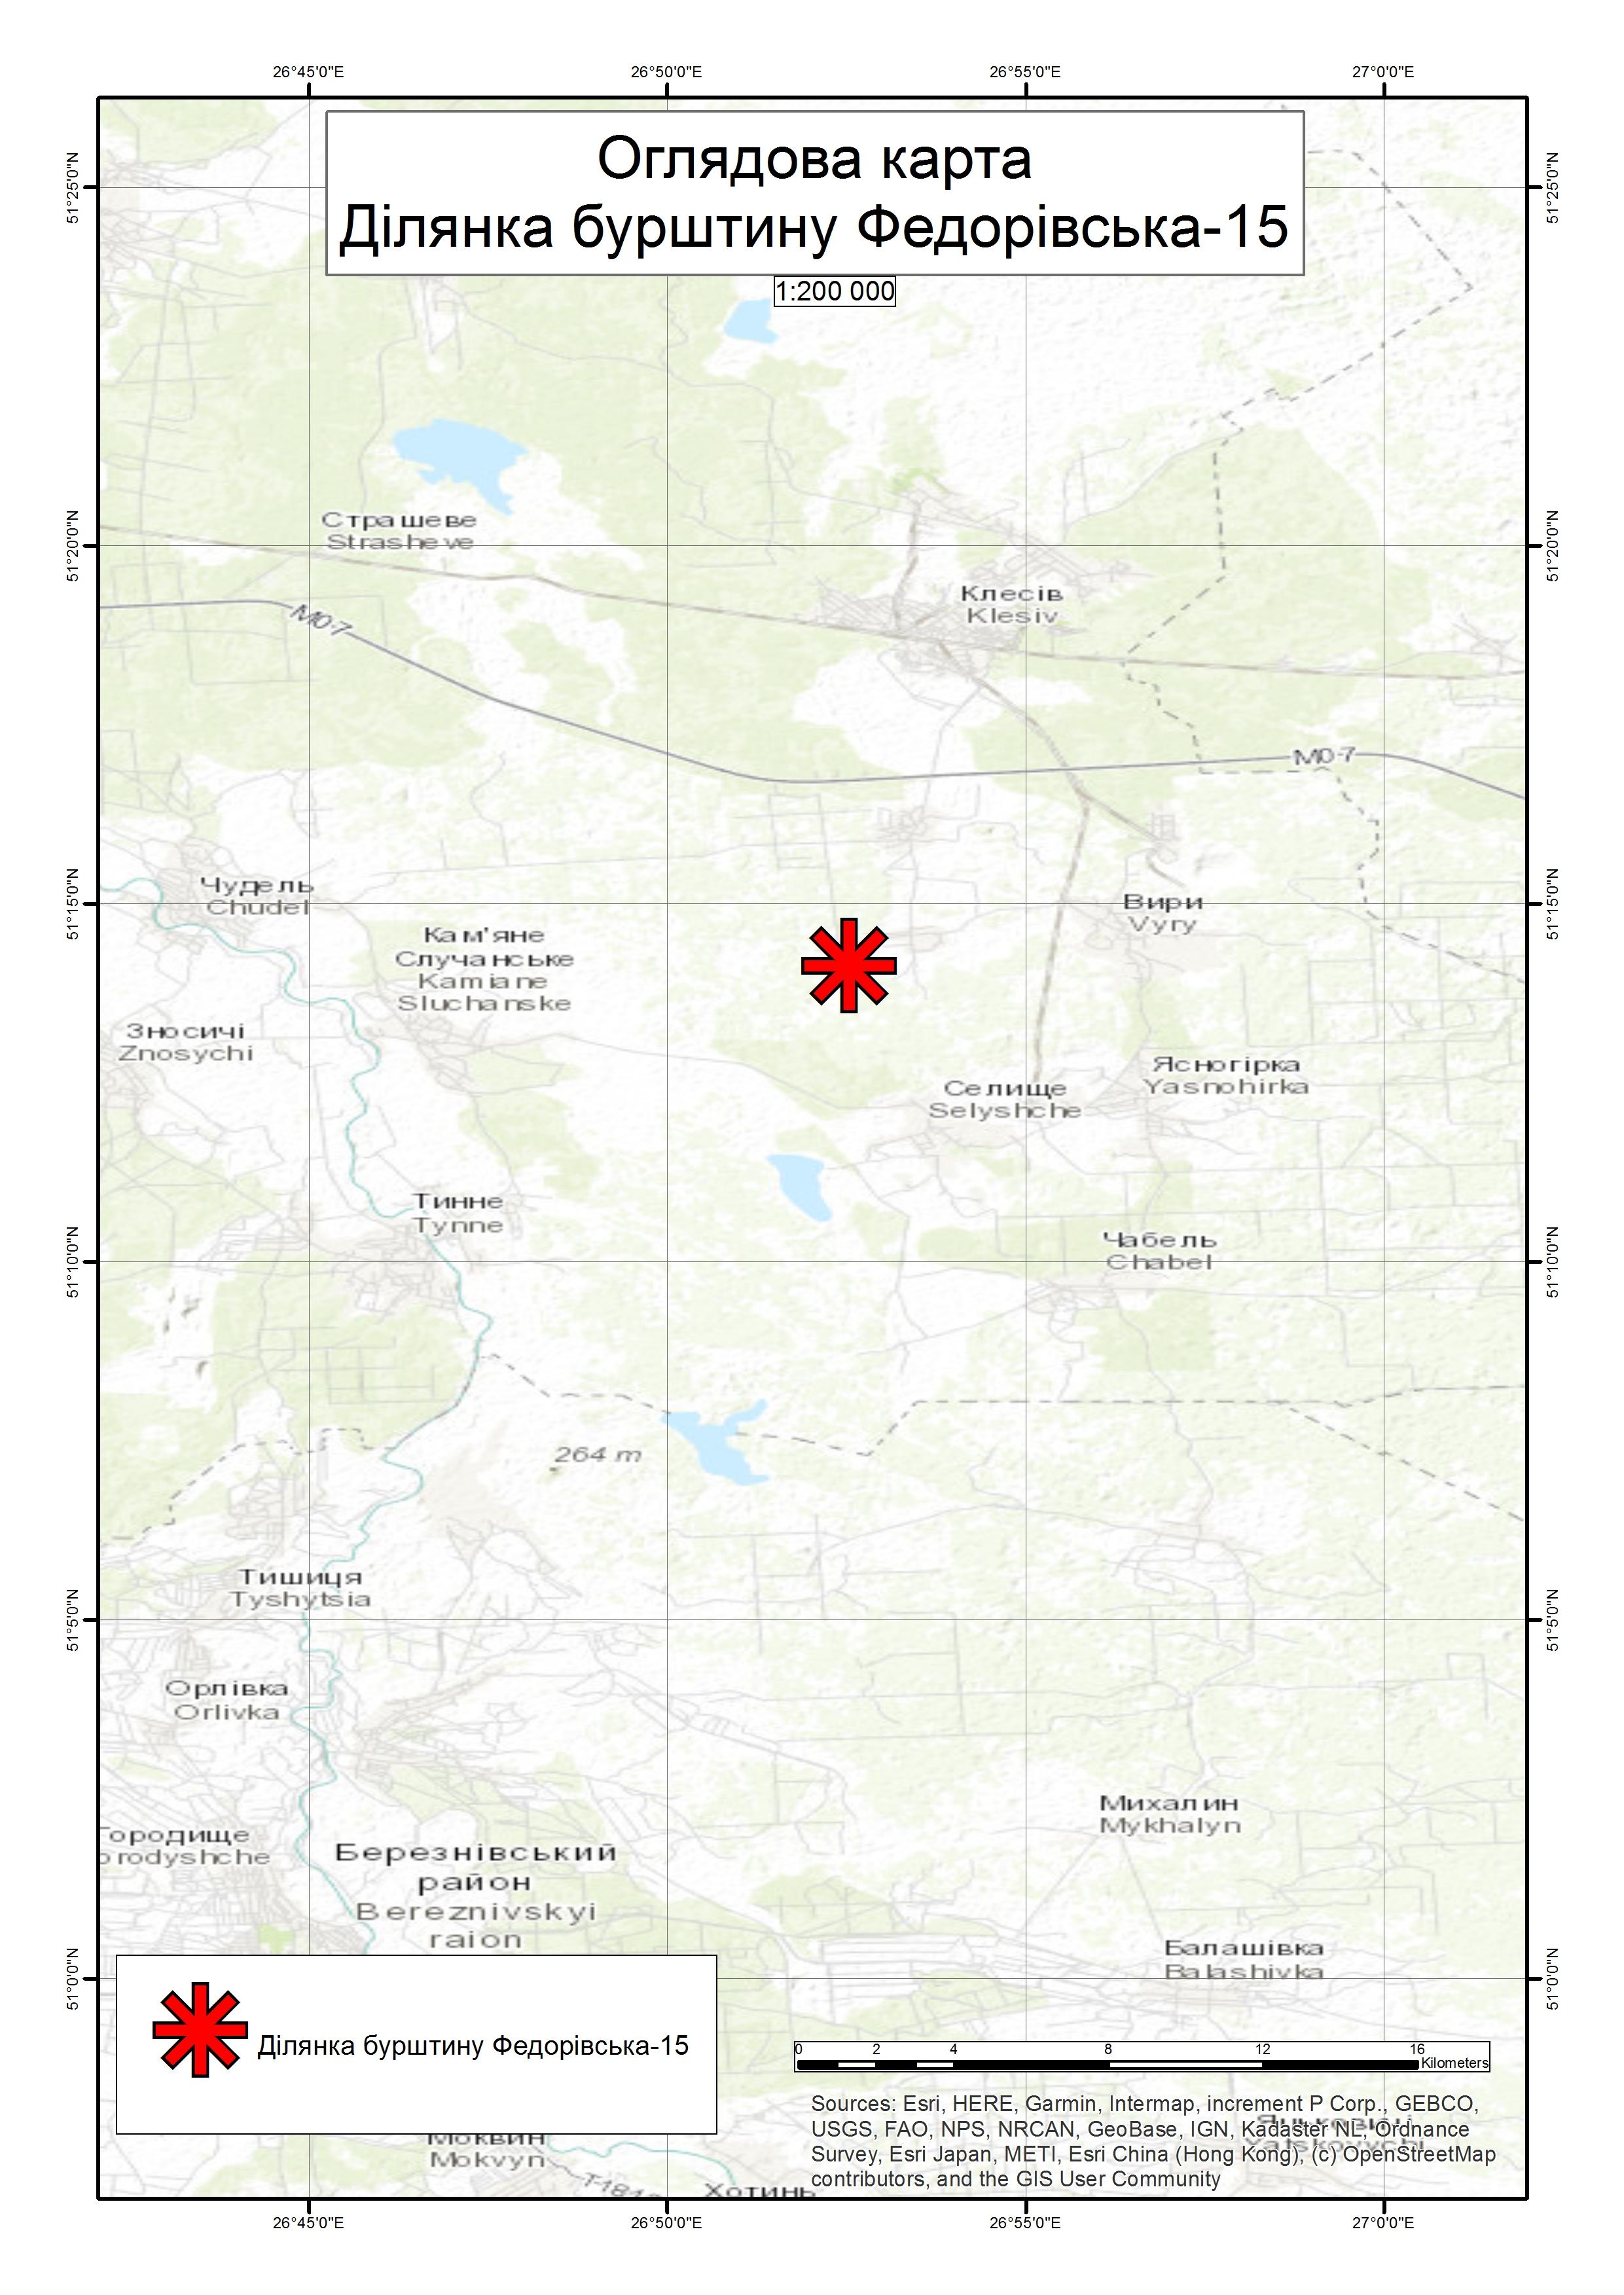 Спеціальний дозвіл на користування надрами – Ділянка Федорівська-15. Вартість геологічної інформації – 102 610,39 грн (з ПДВ). Вартість пакету аукціонної документації – 10 554,96 грн (з ПДВ).